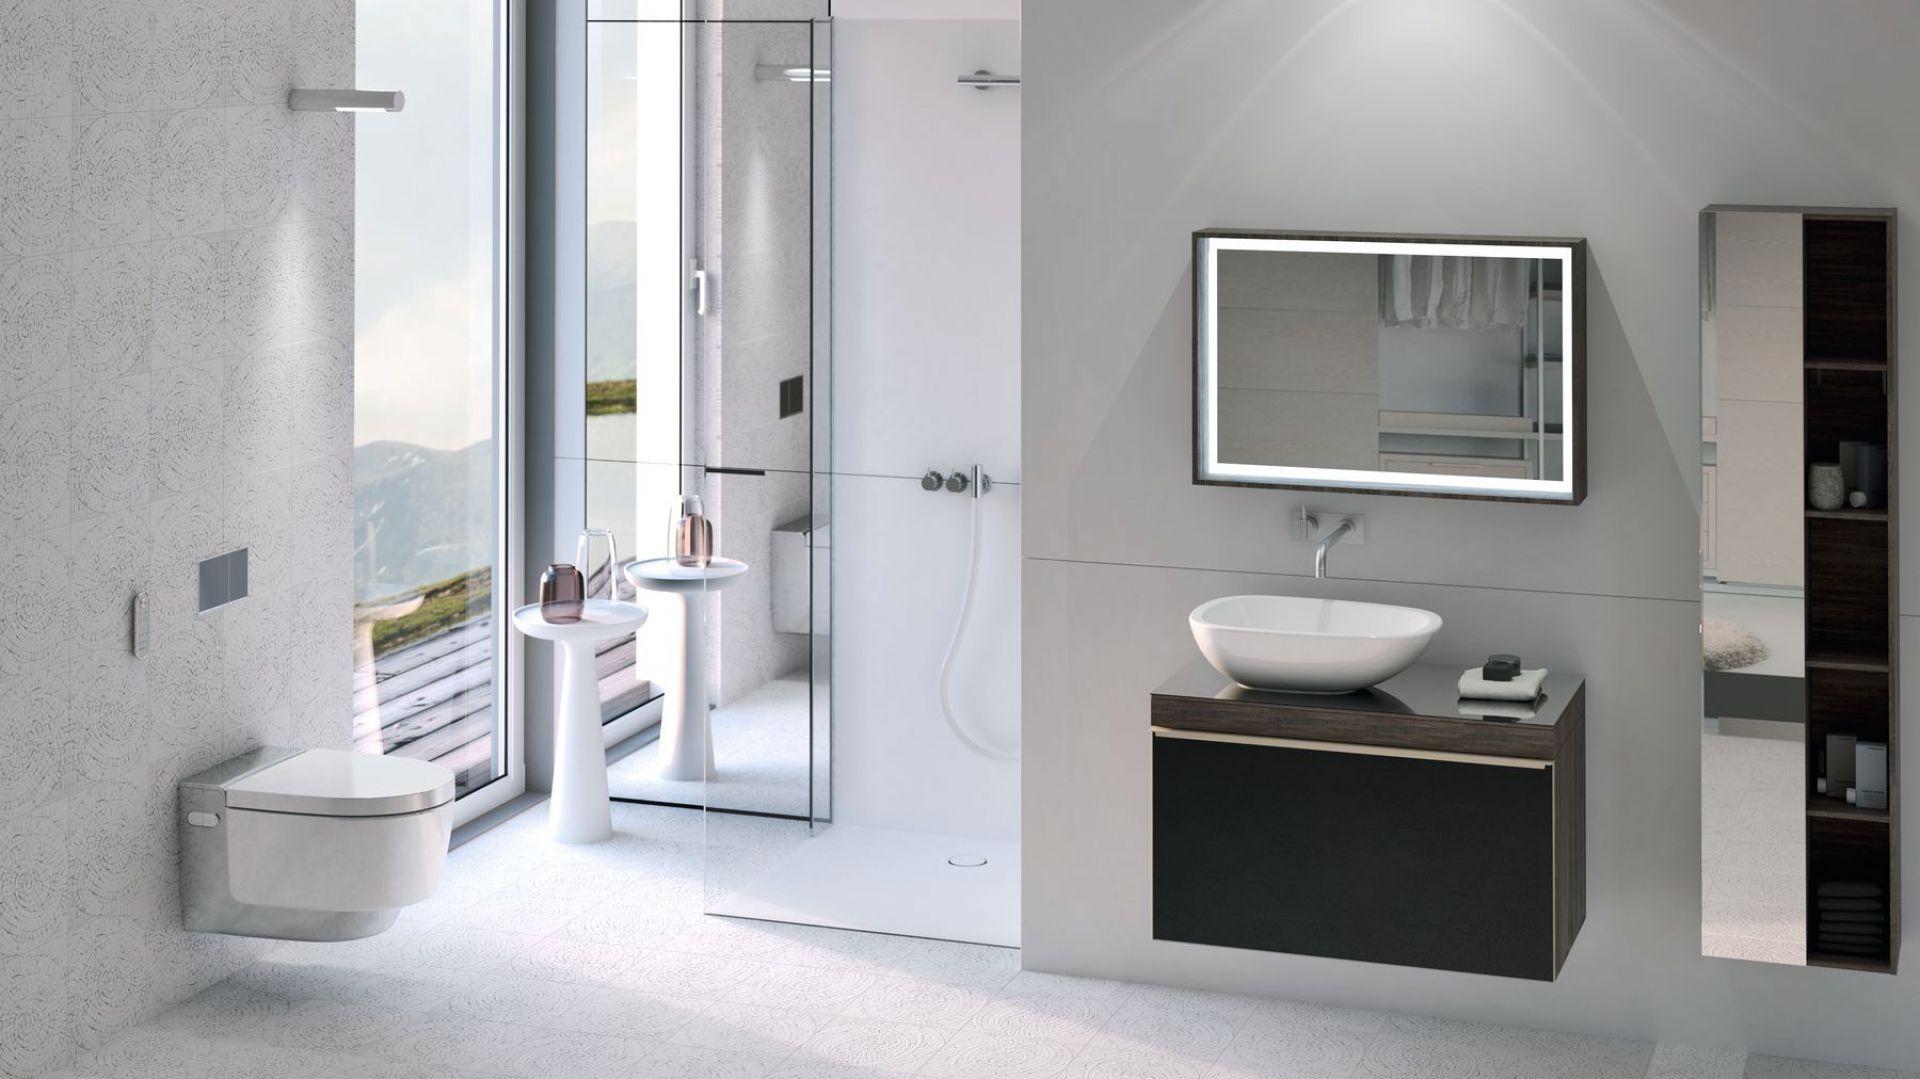 Modele Classic i Comfort toalet myjących Geberit AquaClean Mera są dostępne w kolorze białym lub z pokryciem chromowanym. Fot. Geberit